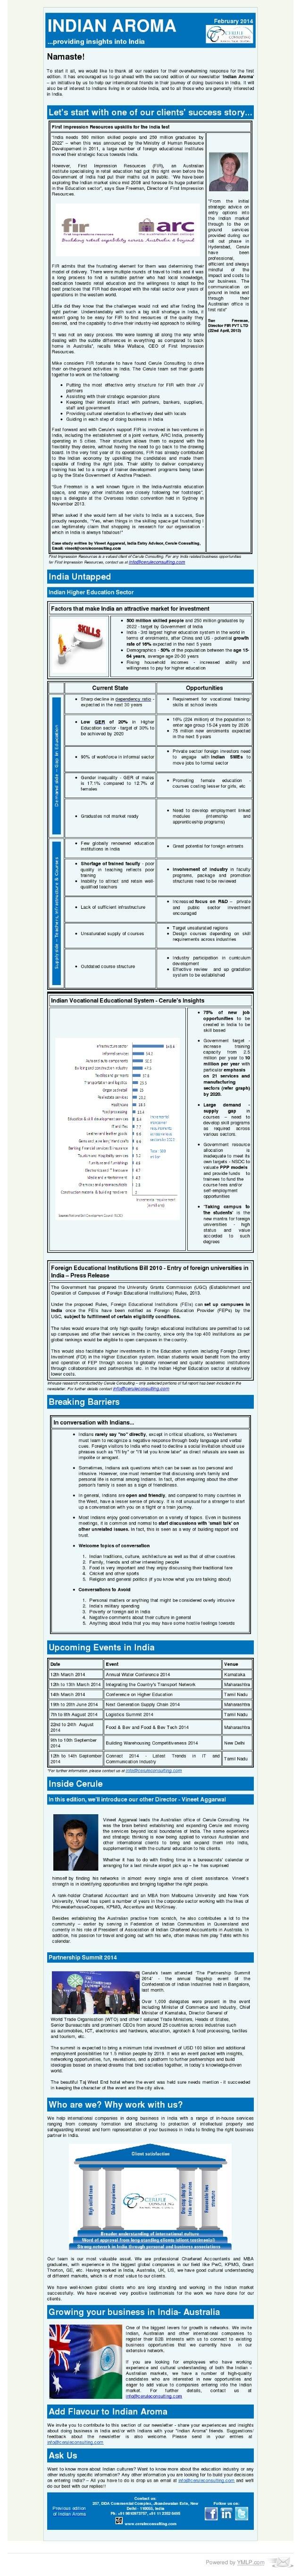 Cerule Newsletter February 2014